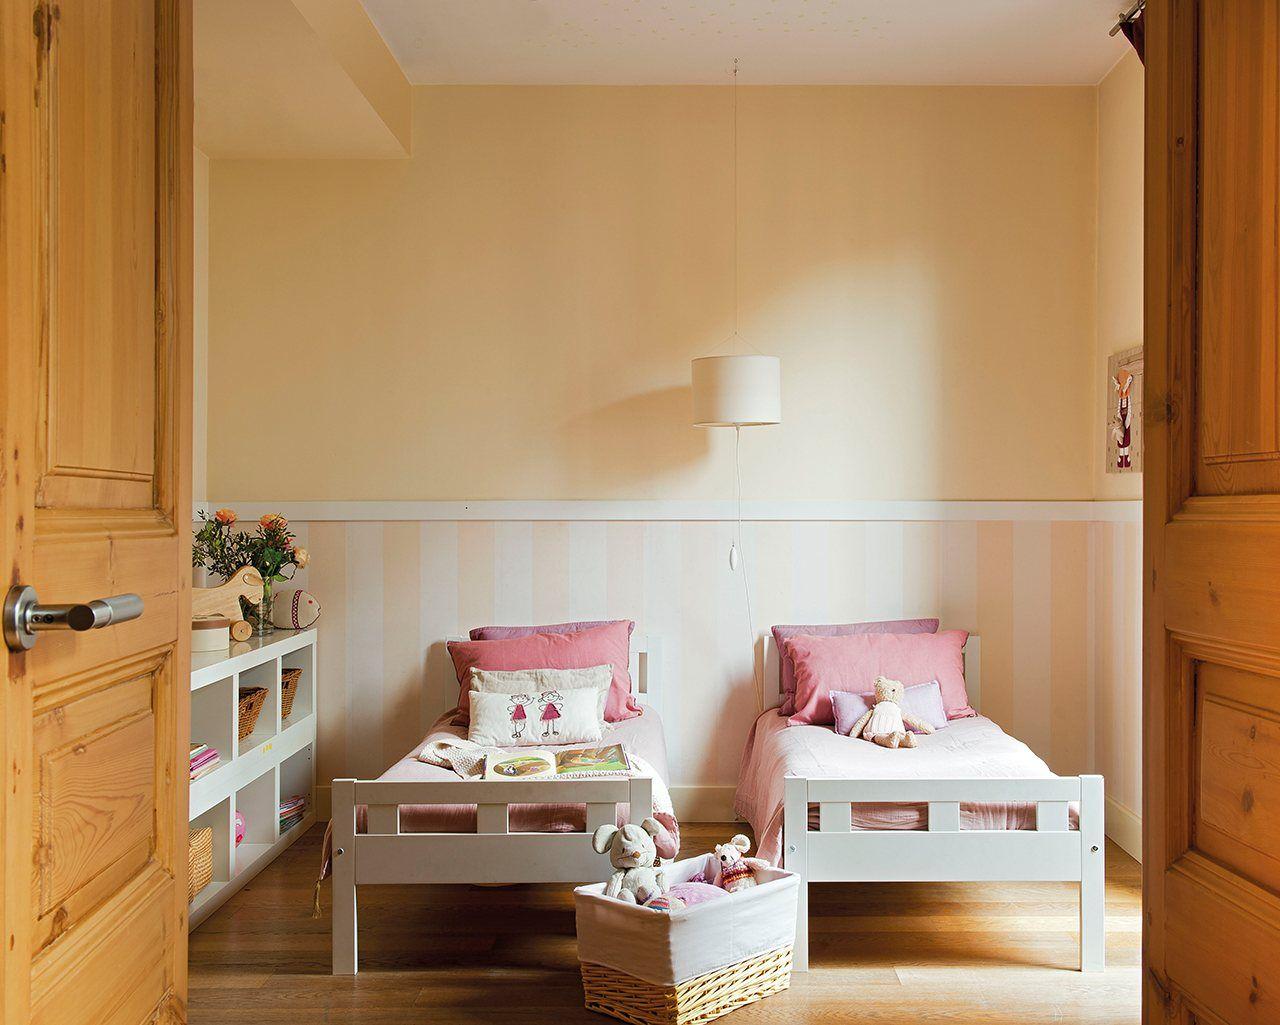 Camas modelo kritter y librer a baja de ikea colcha y - Decoracion dormitorio nina ...